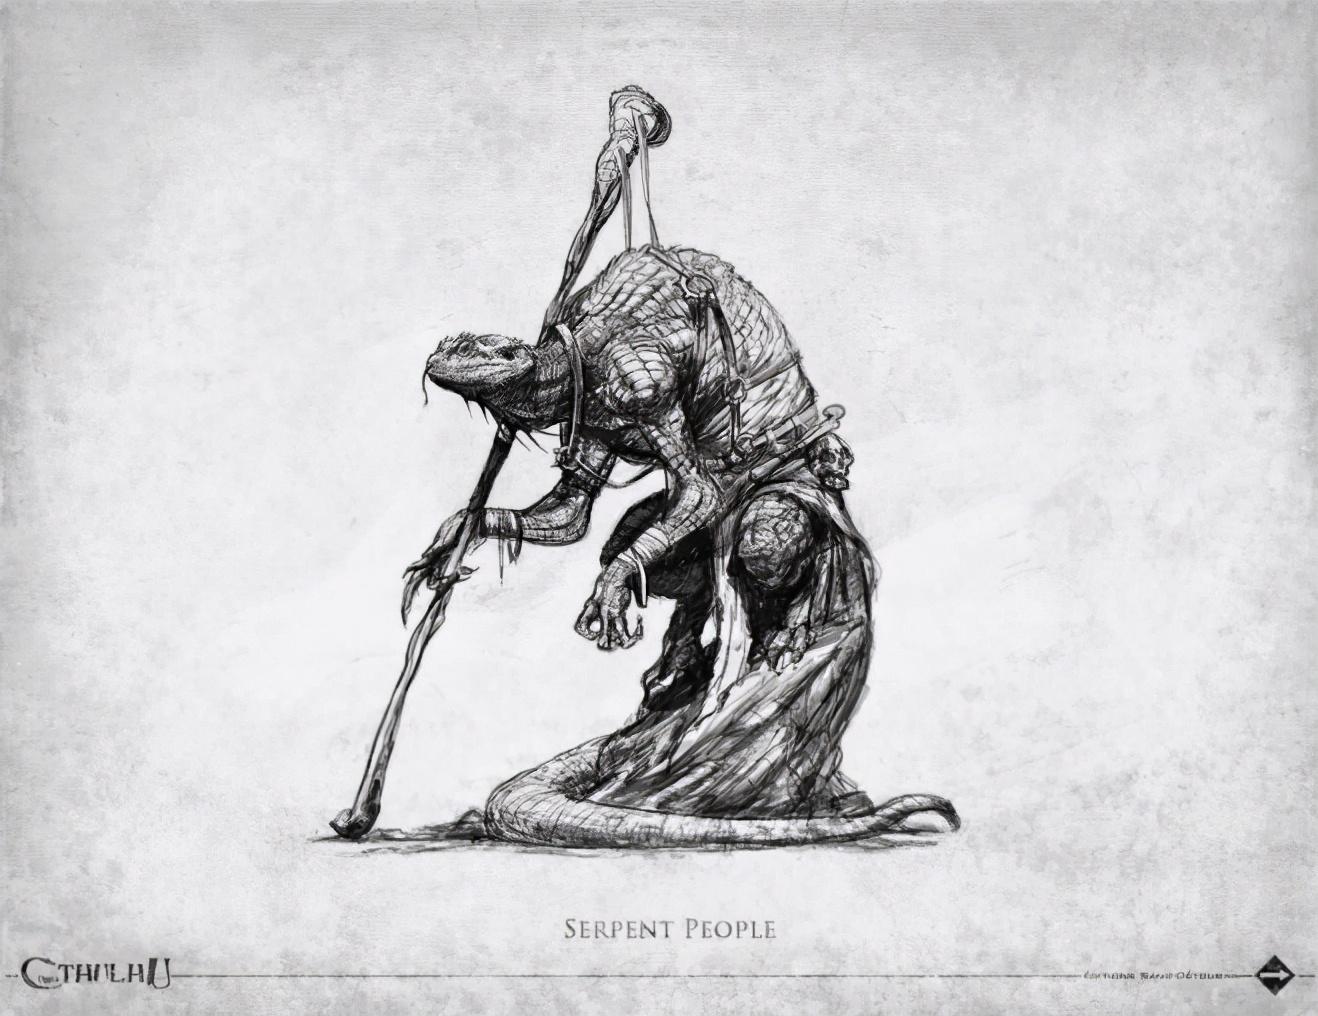 克苏鲁神话生物——蛇人